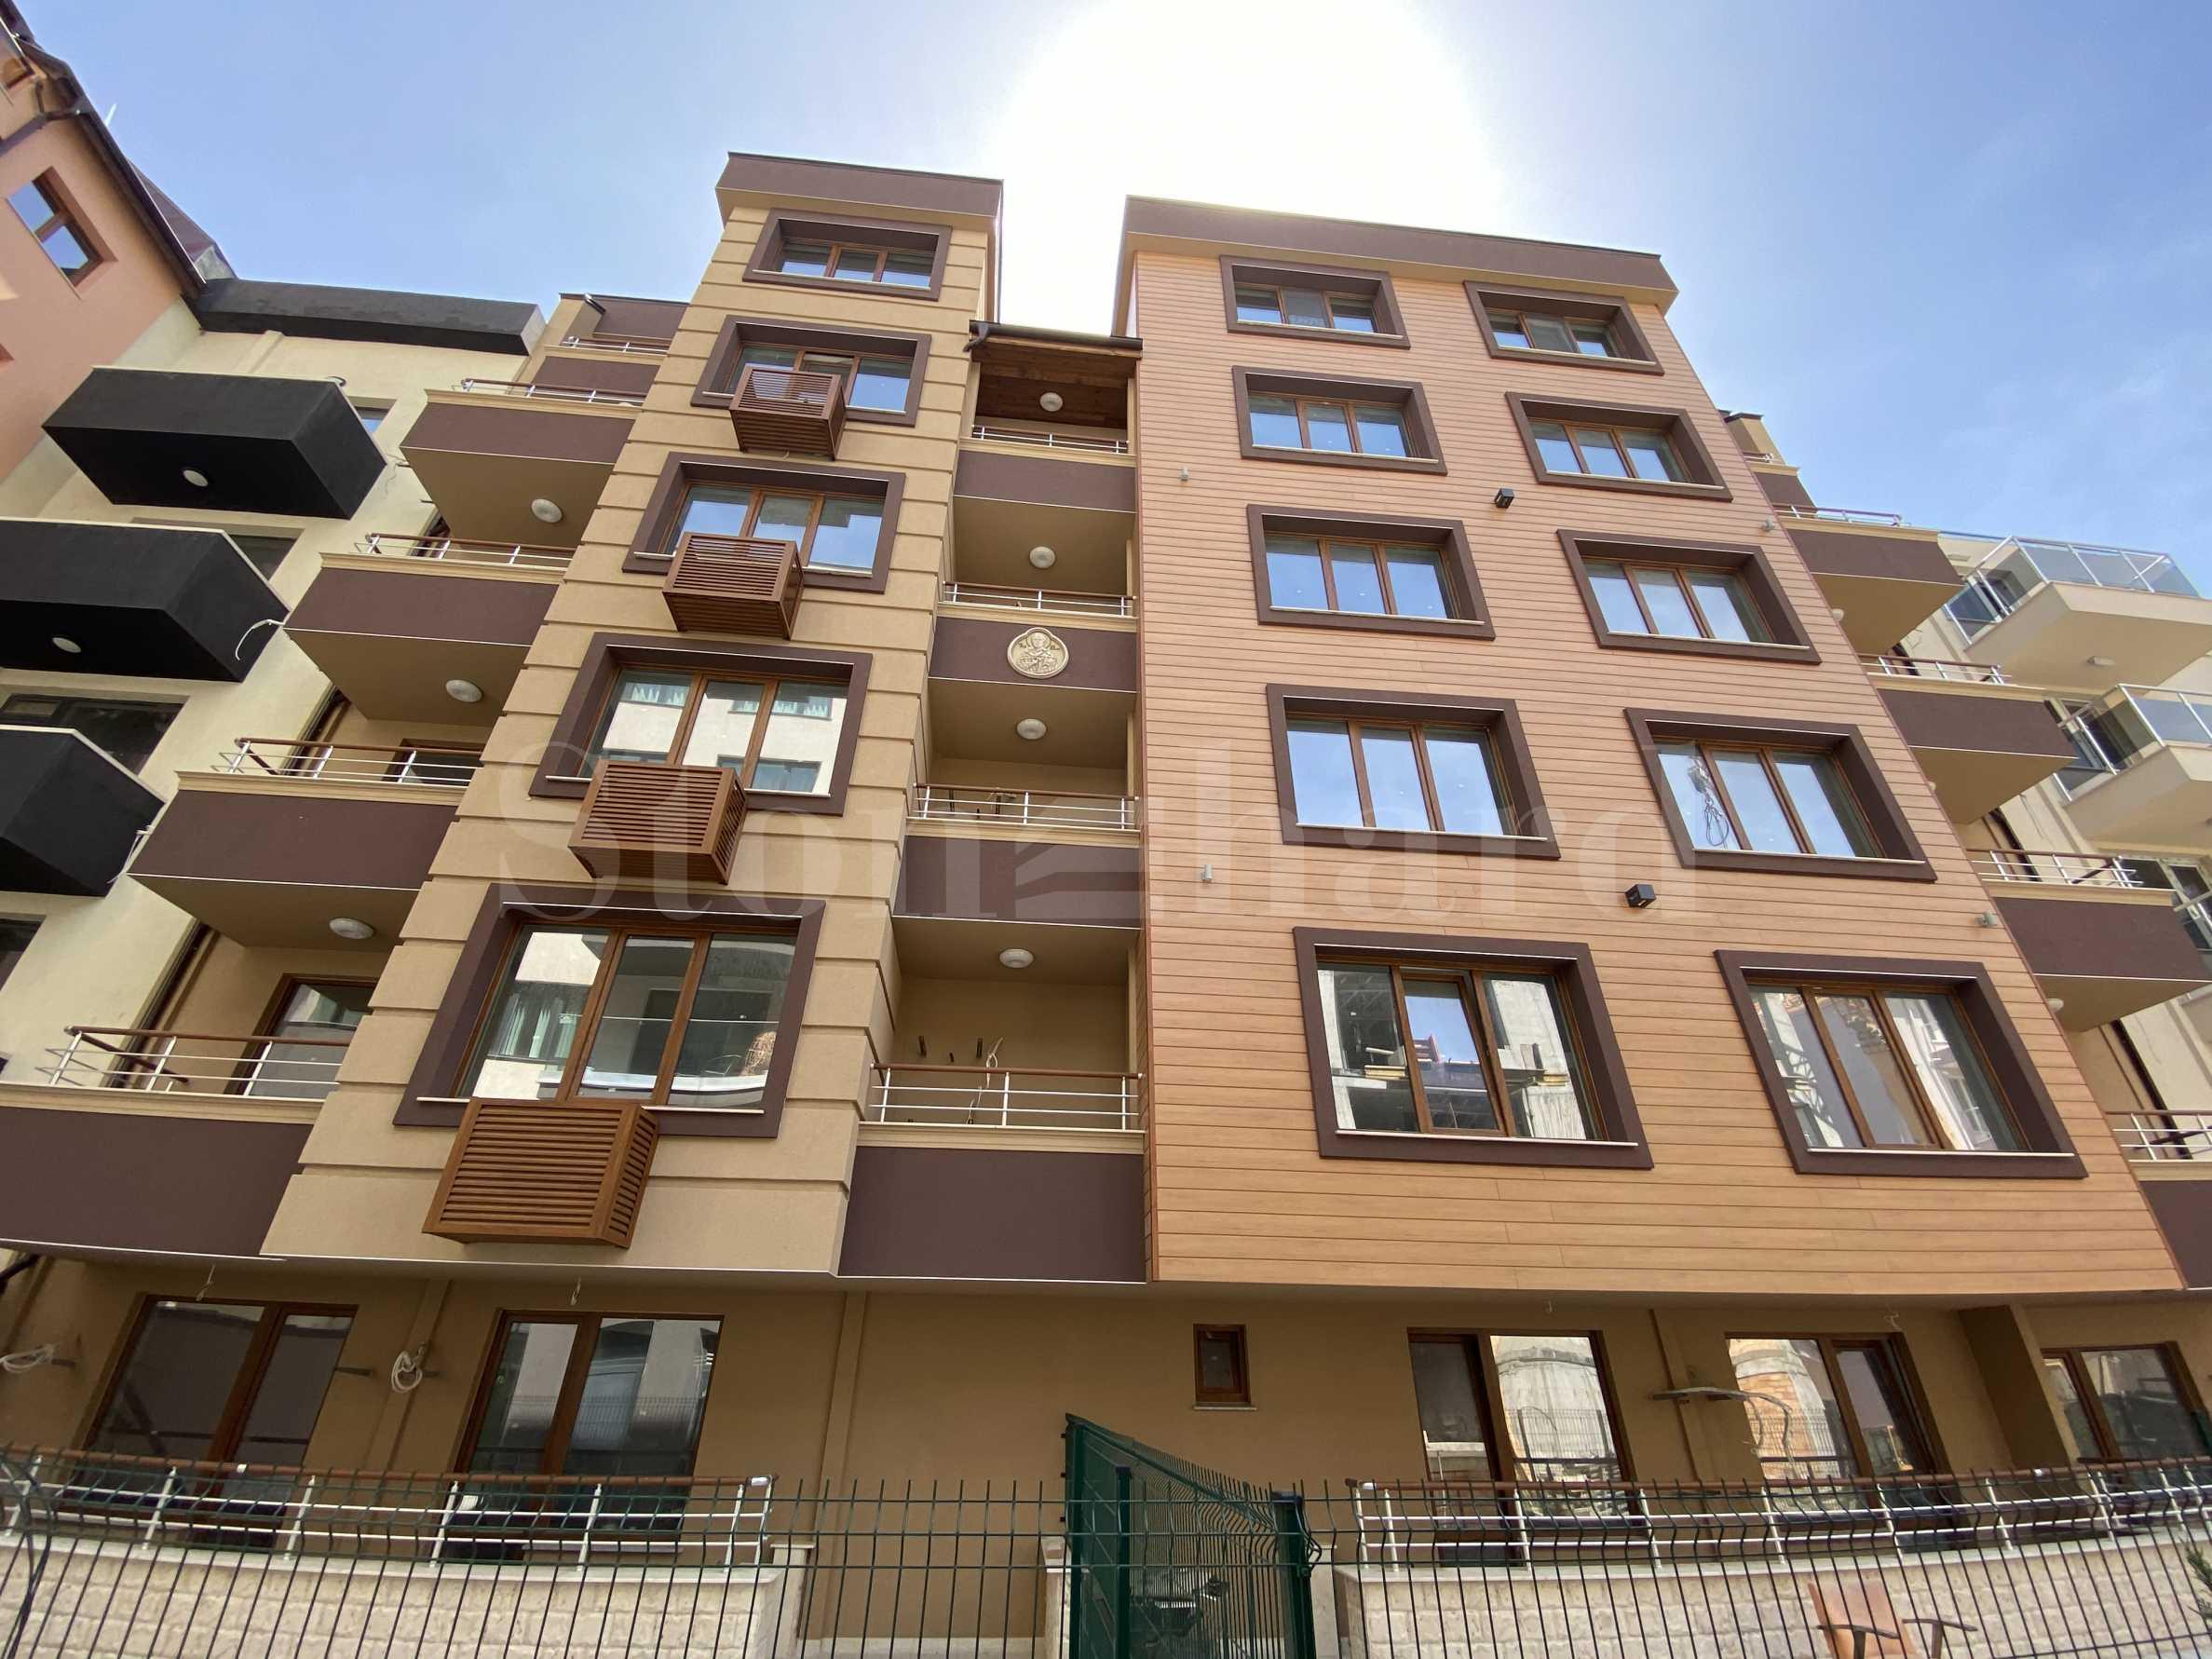 Апартаменти в центъра на атрактивни цени1 - Stonehard